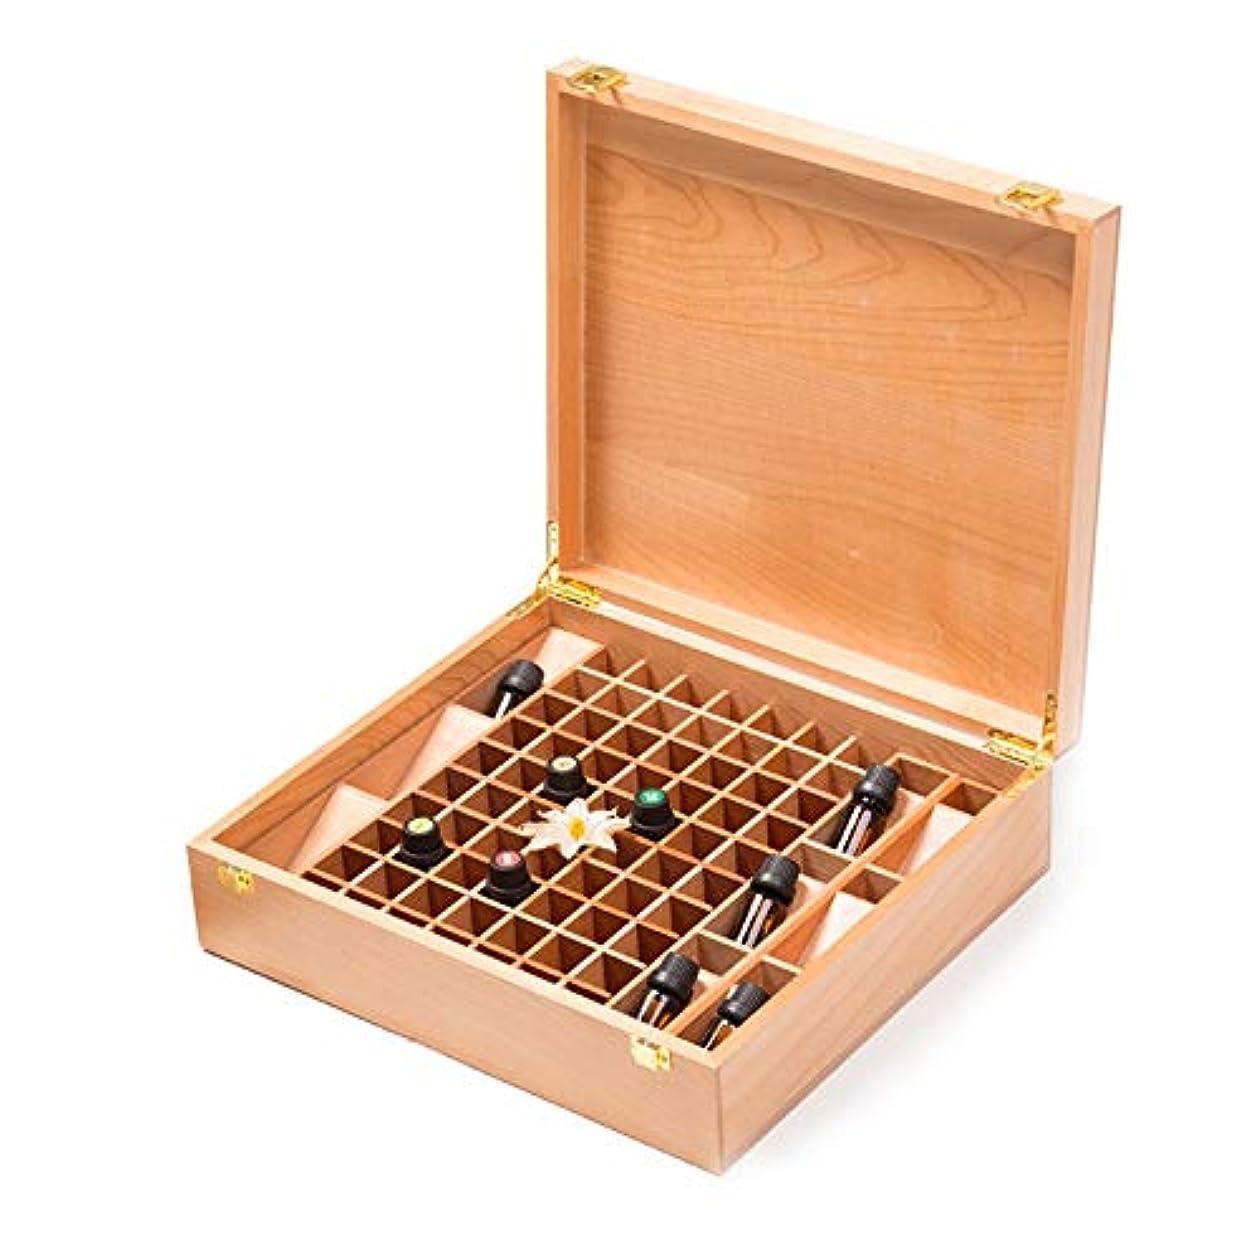 怠惰コンプライアンス楽観エッセンシャルオイルの保管 手作りの木製エッセンシャルオイルストレージボックスパーフェクトエッセンシャルオイルのケースは、70の油のボトルを保持します (色 : Natural, サイズ : 44X31.5X10.5CM)